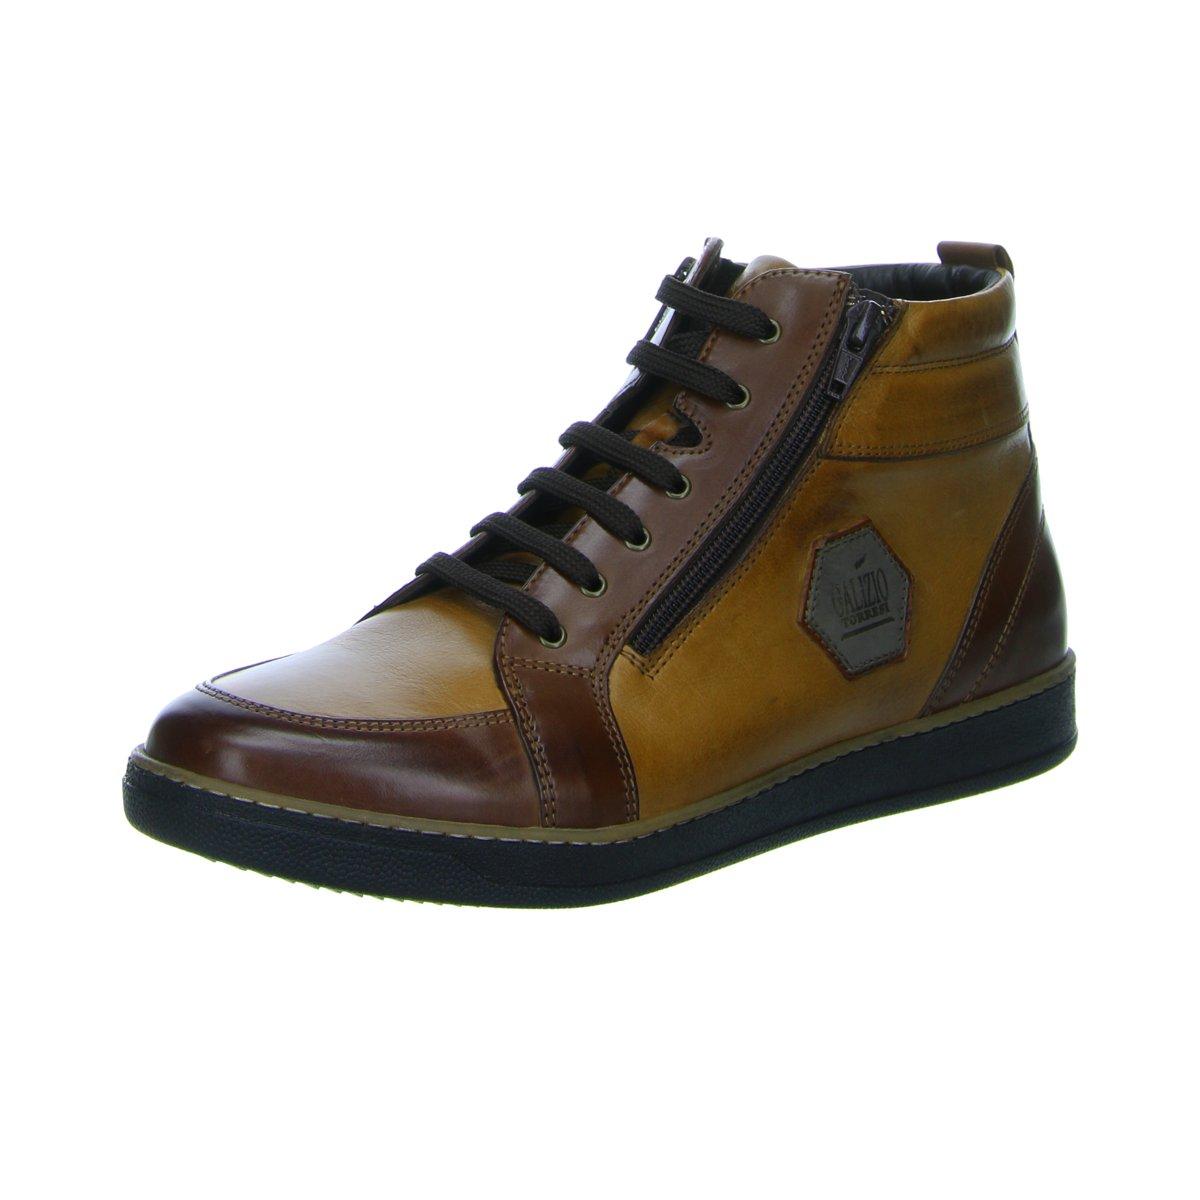 NEU GALIZIO TORRESI Herren Sneaker 3233 323366 V16440 braun 308235